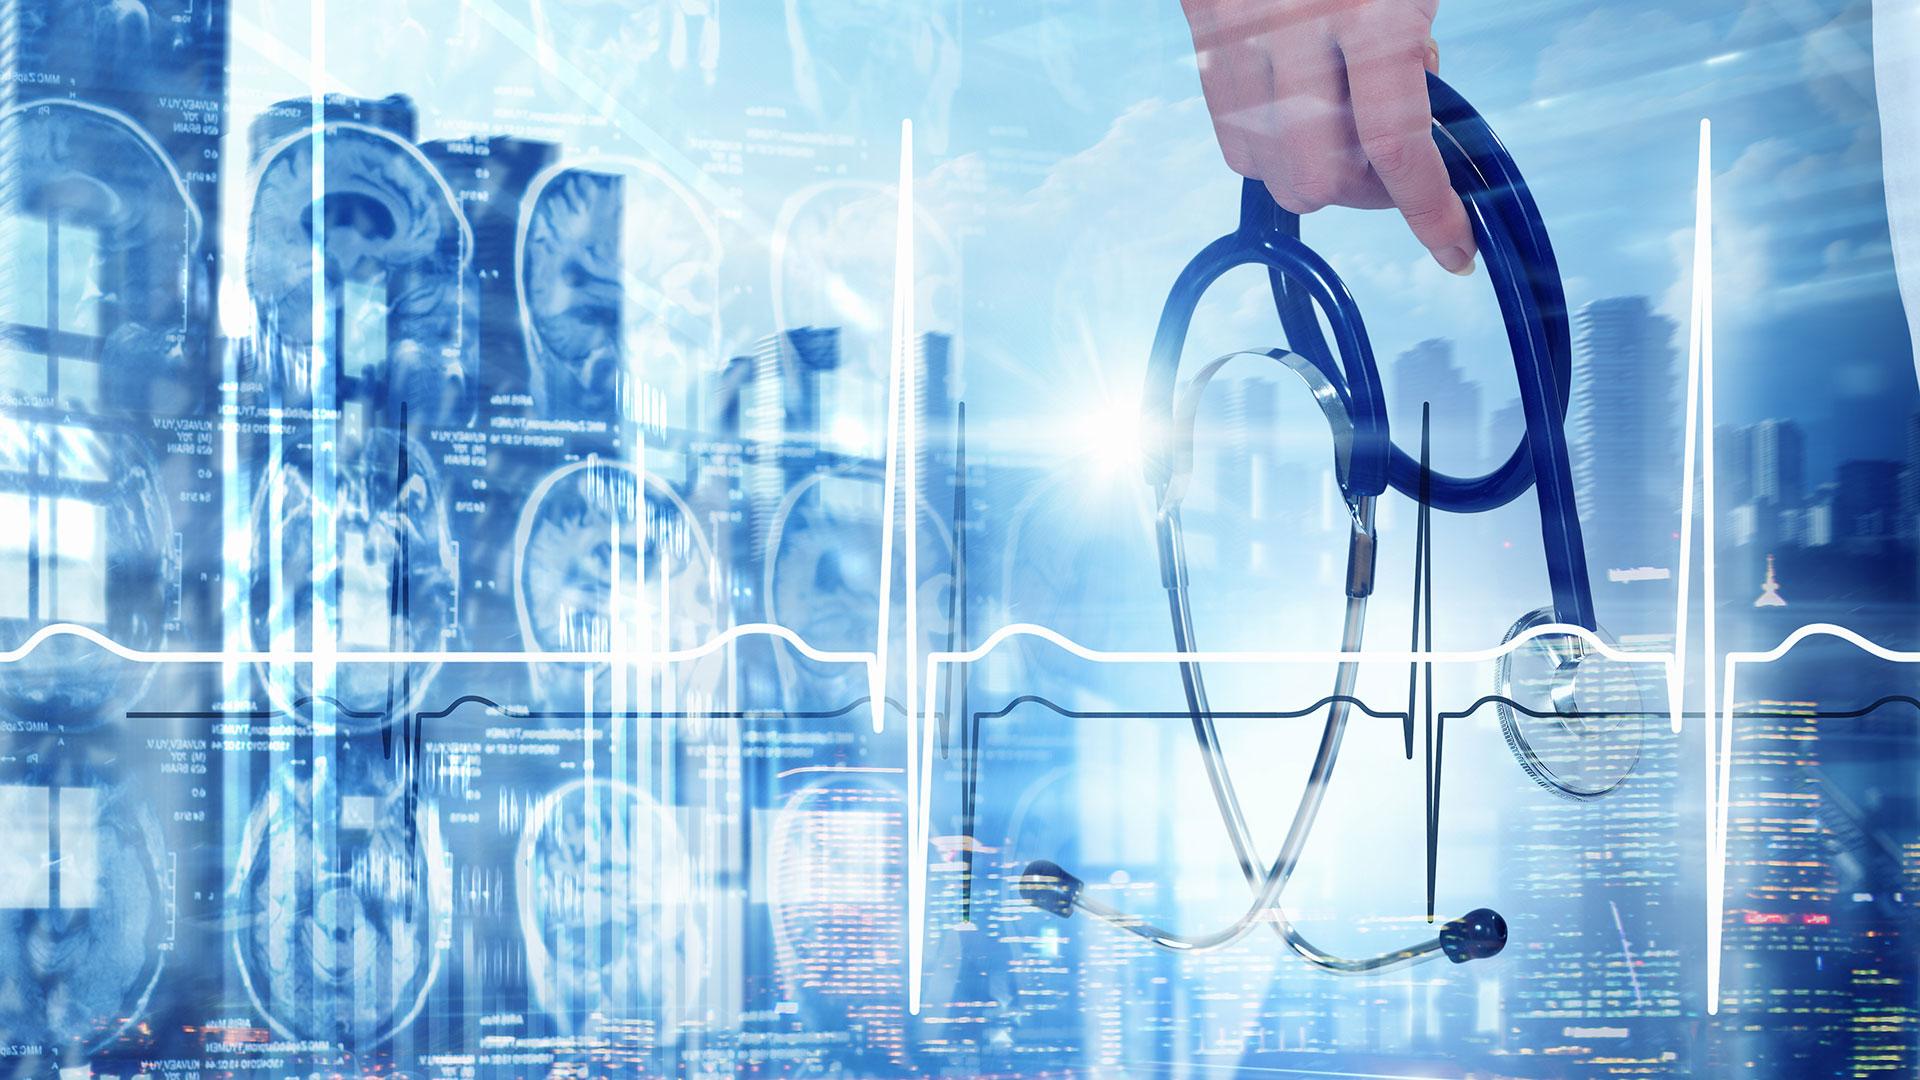 """Garijo a Infobae: """"Durante muchos años, la industria farmacéutica ha estado confundida, nos hemos concentrado en exceso en nuestro personal sanitario. Y la verdadera prioridad es que los pacientes accedan a las últimas innovaciones para curarse"""" (Getty)"""